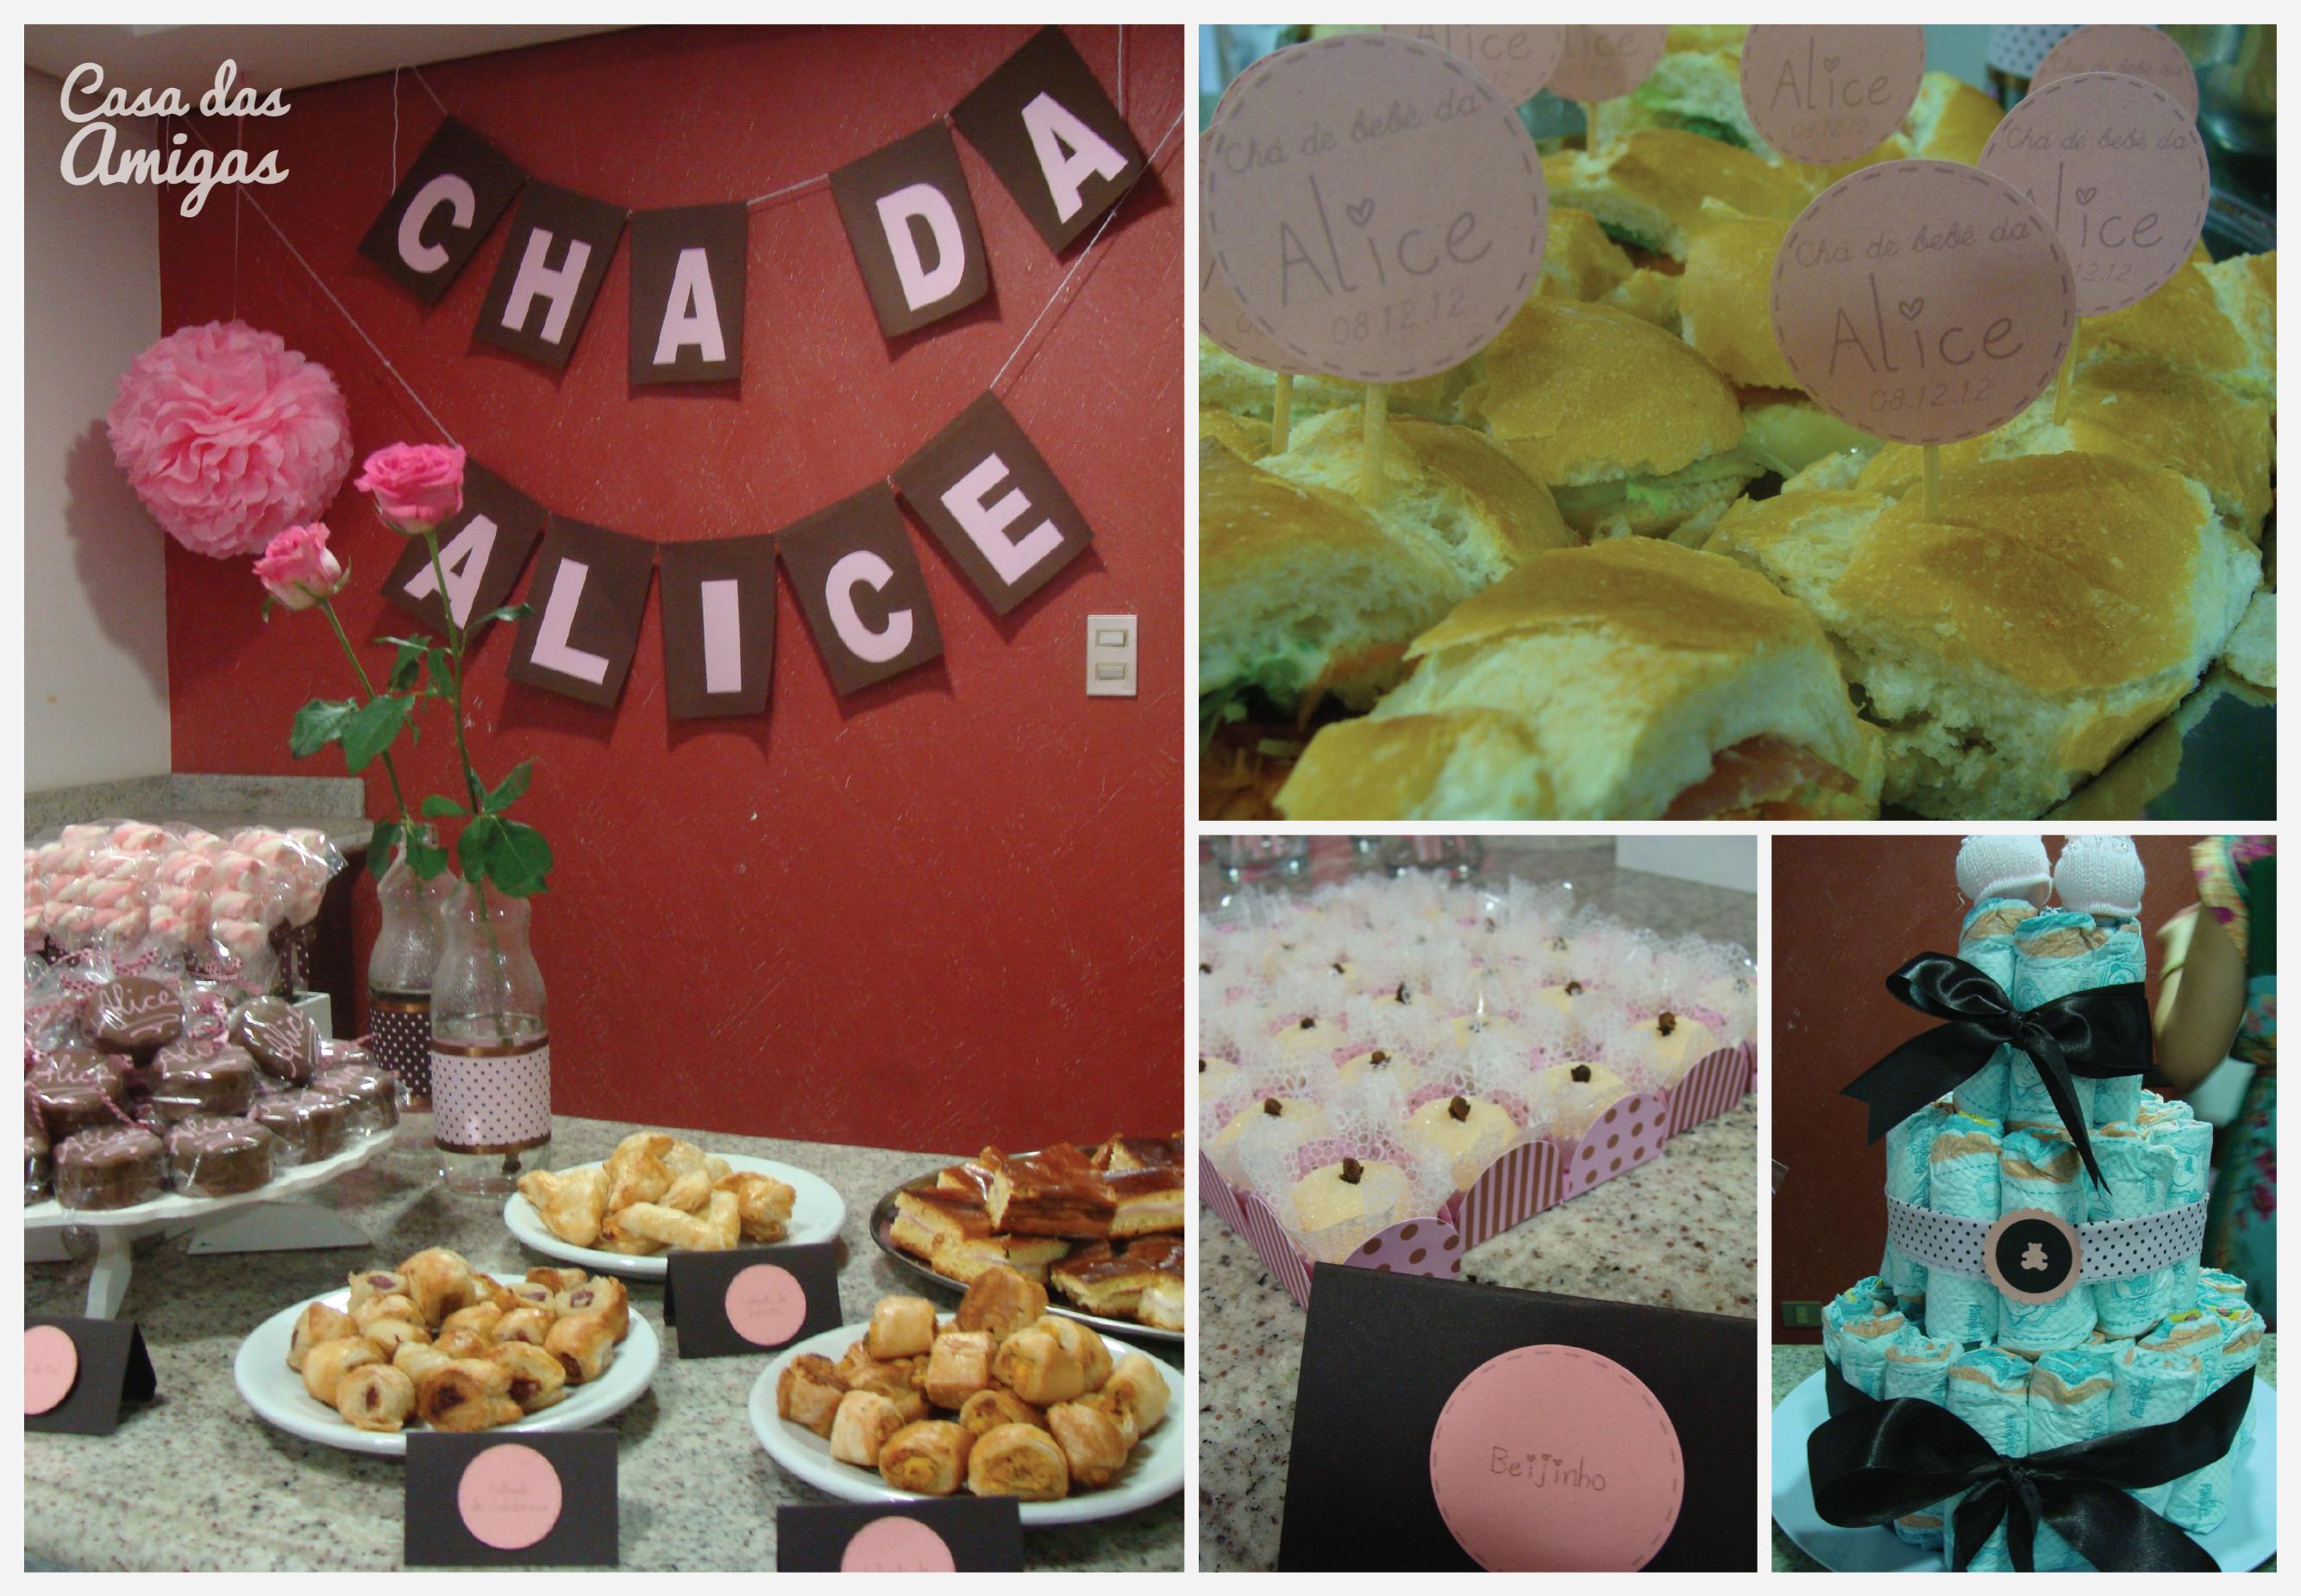 cha_da_alice-04